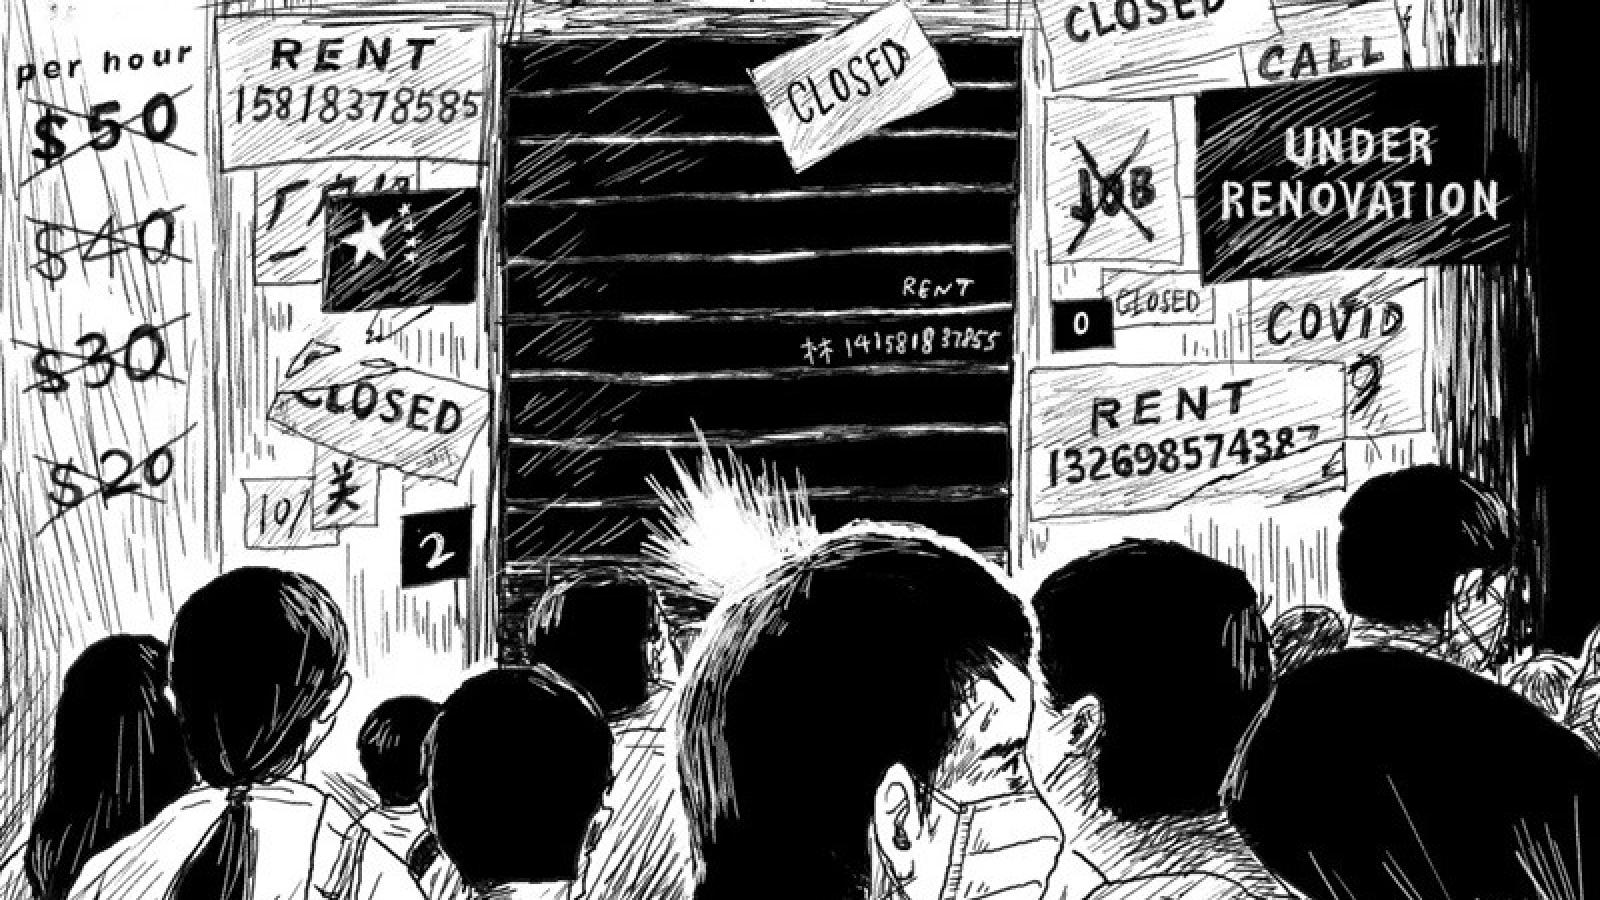 Sau Covid-19, nạn thất nghiệp đe doạ gây bất ổn xã hội Trung Quốc?